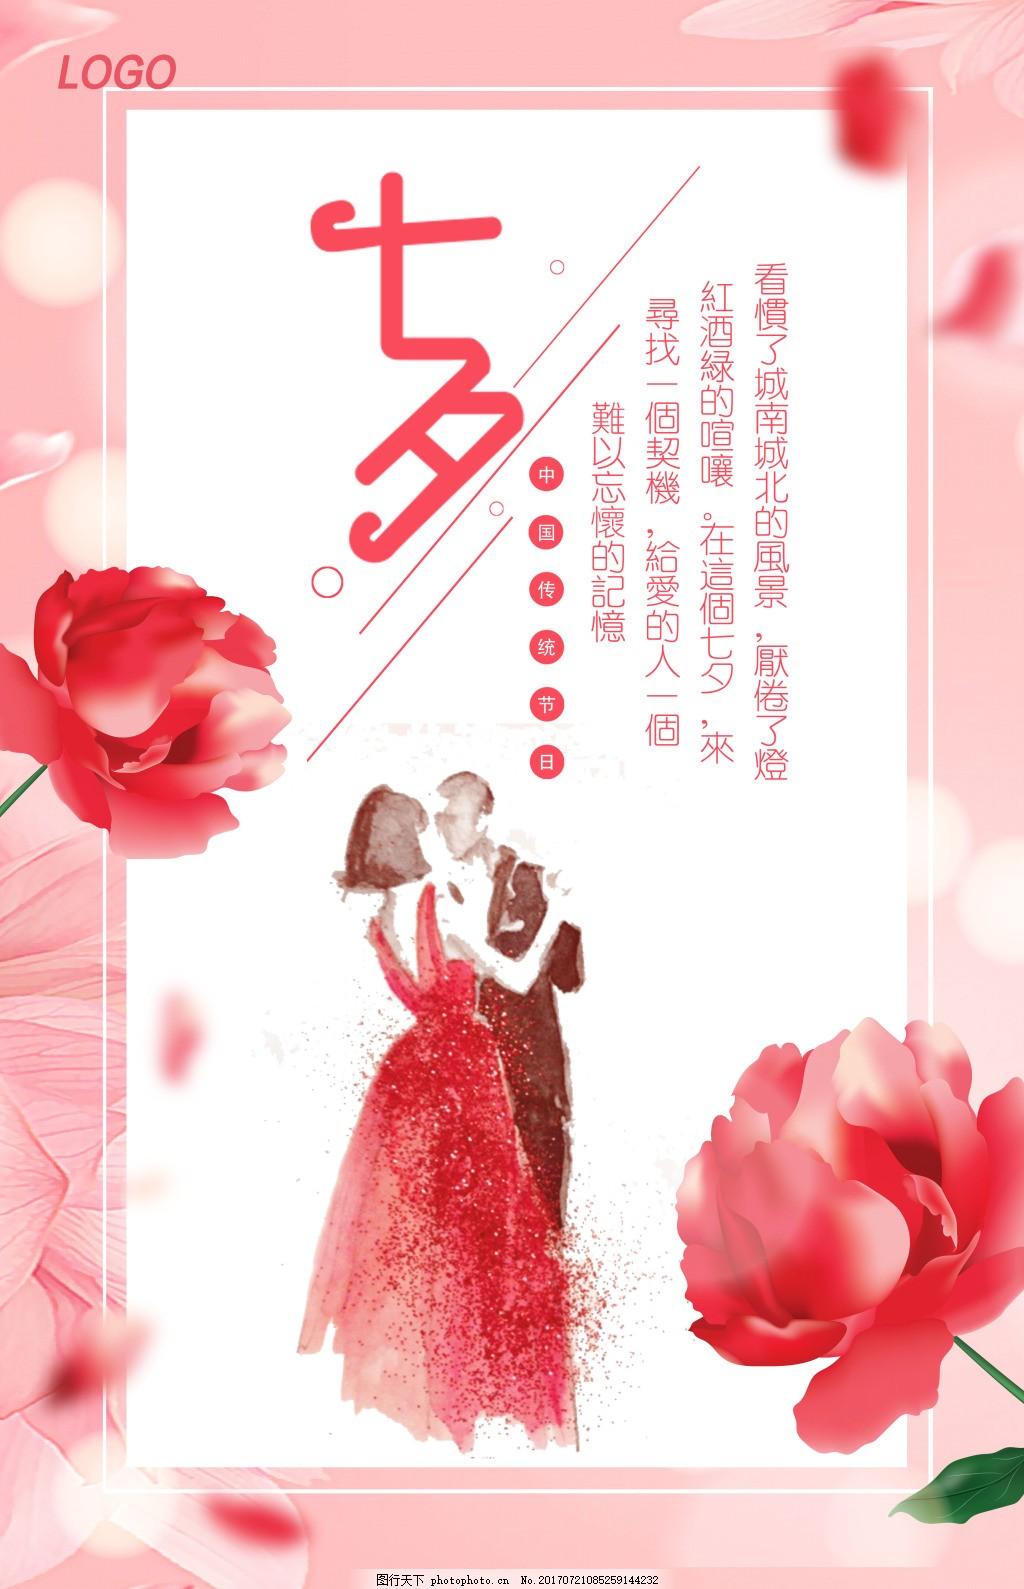 红色浪漫七夕海报 七夕节 七夕情人节海报 七夕节海报 七夕情人节广告